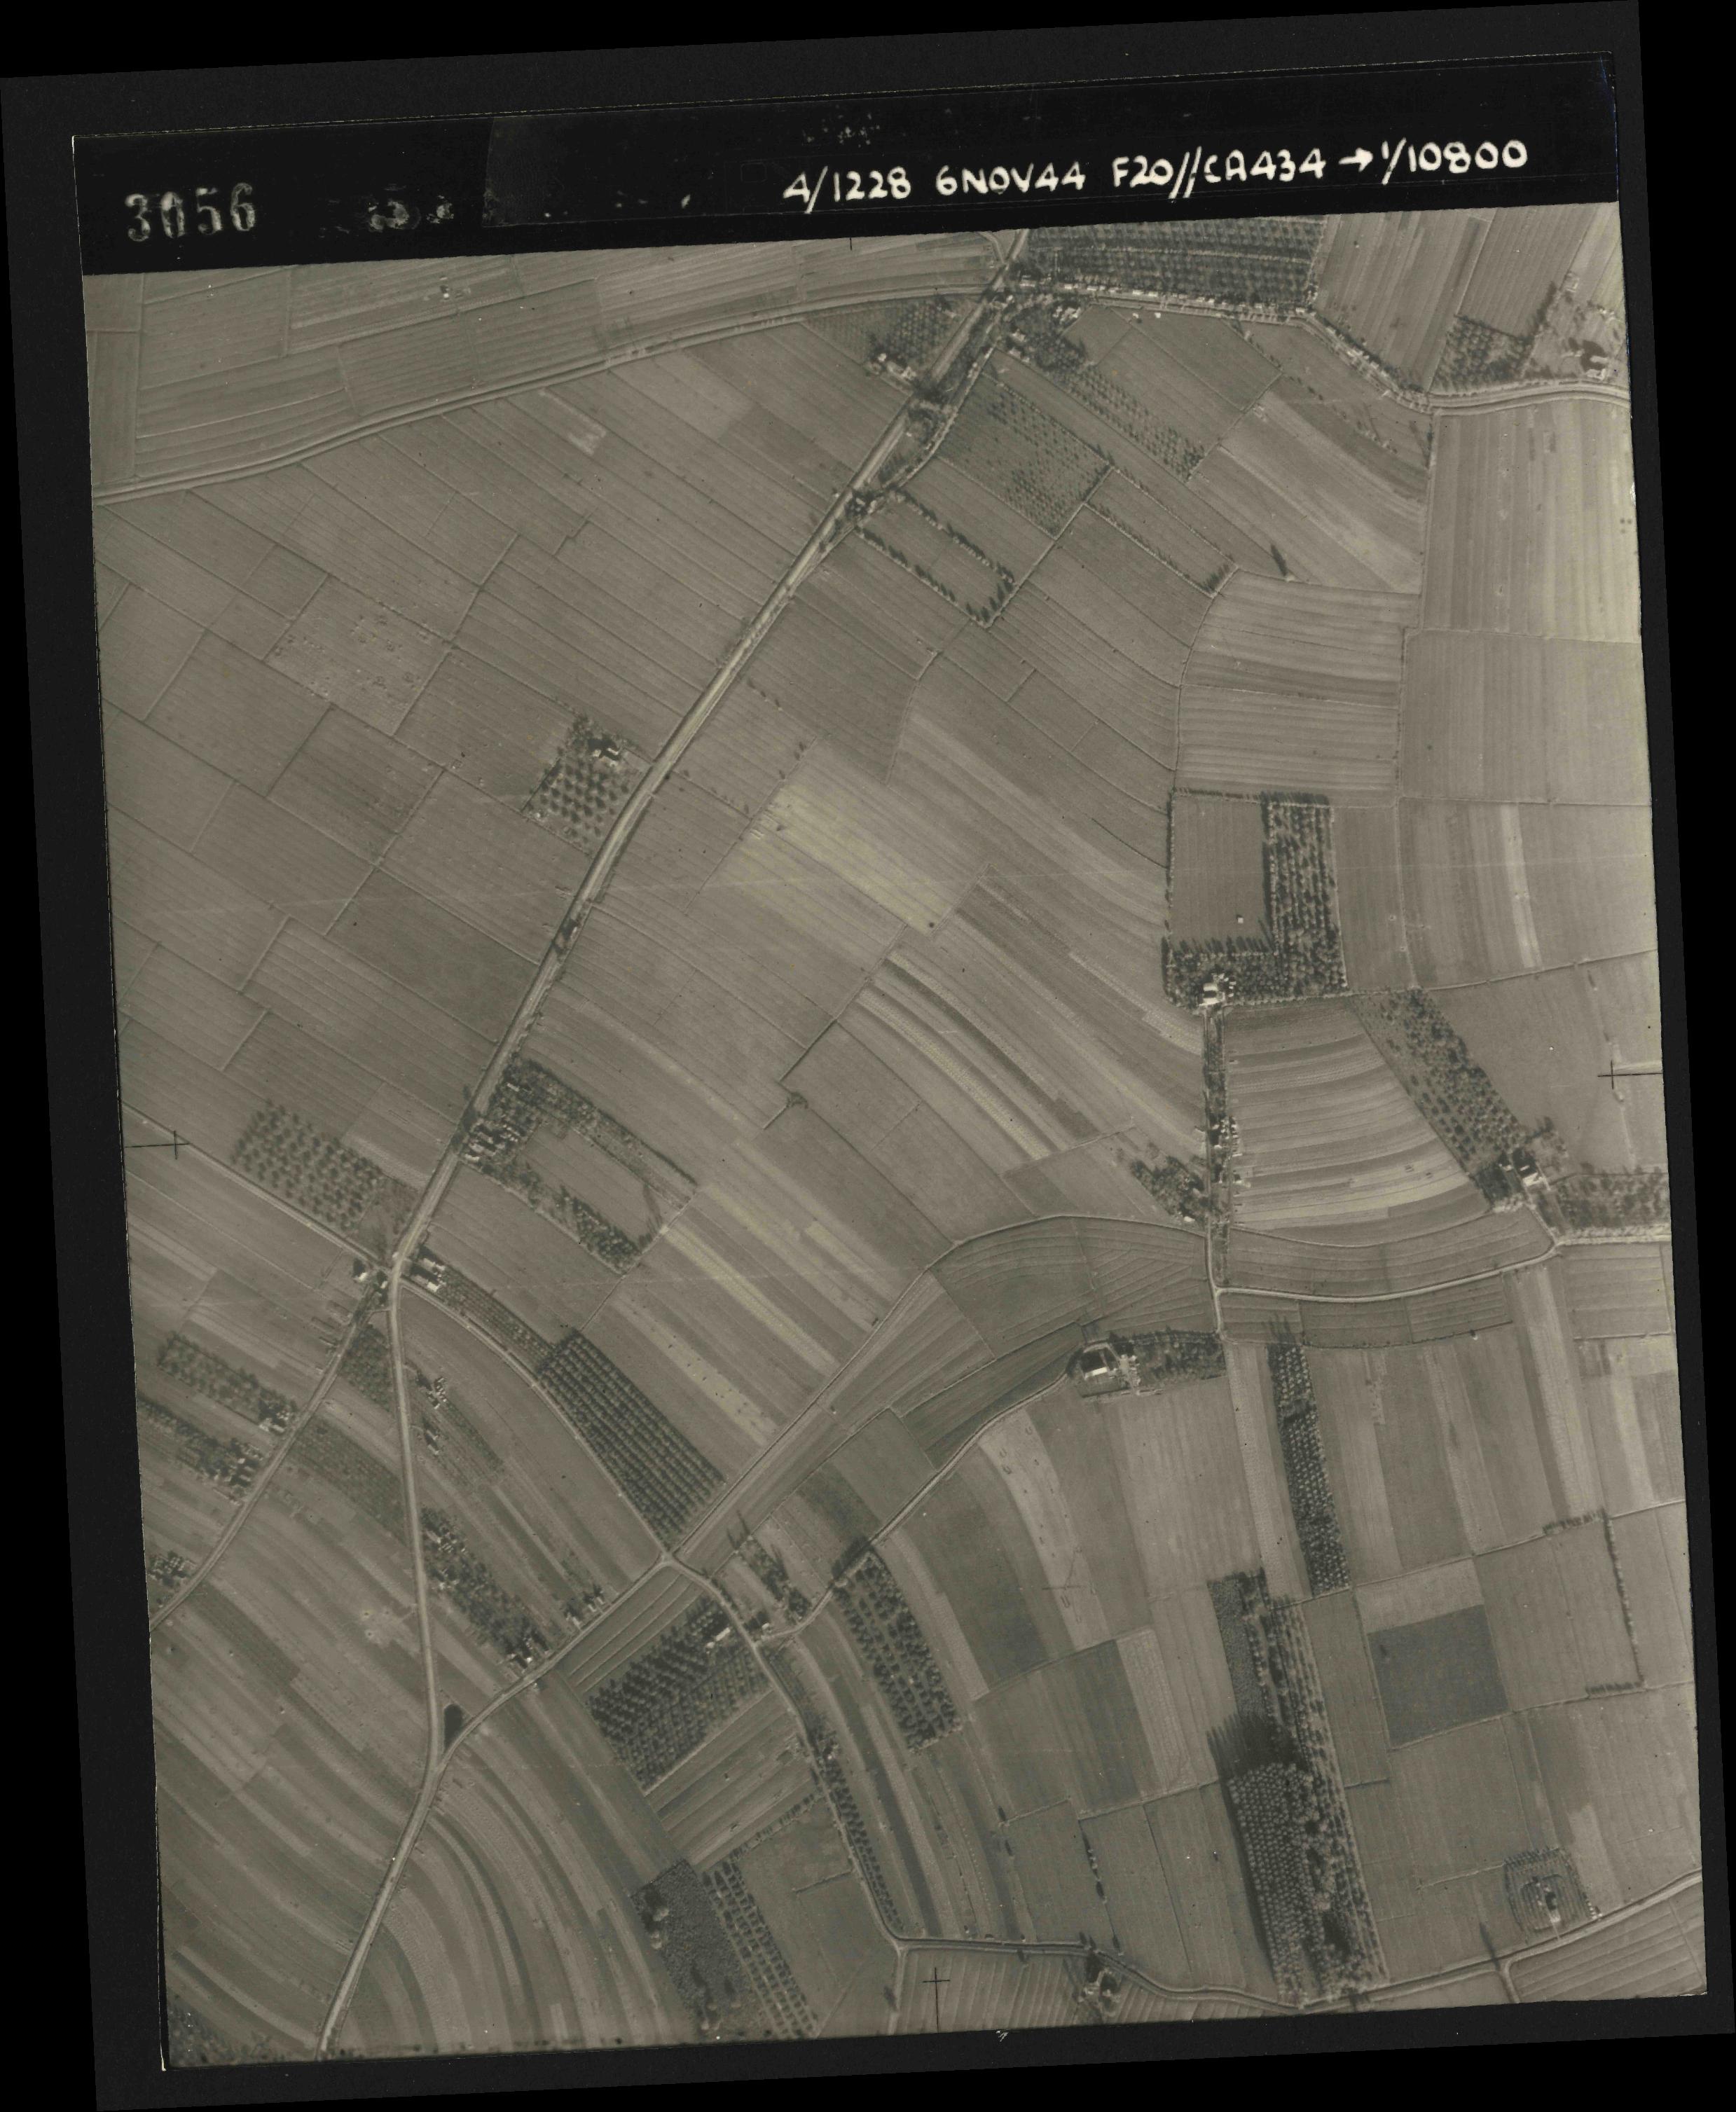 Collection RAF aerial photos 1940-1945 - flight 005, run 02, photo 3056